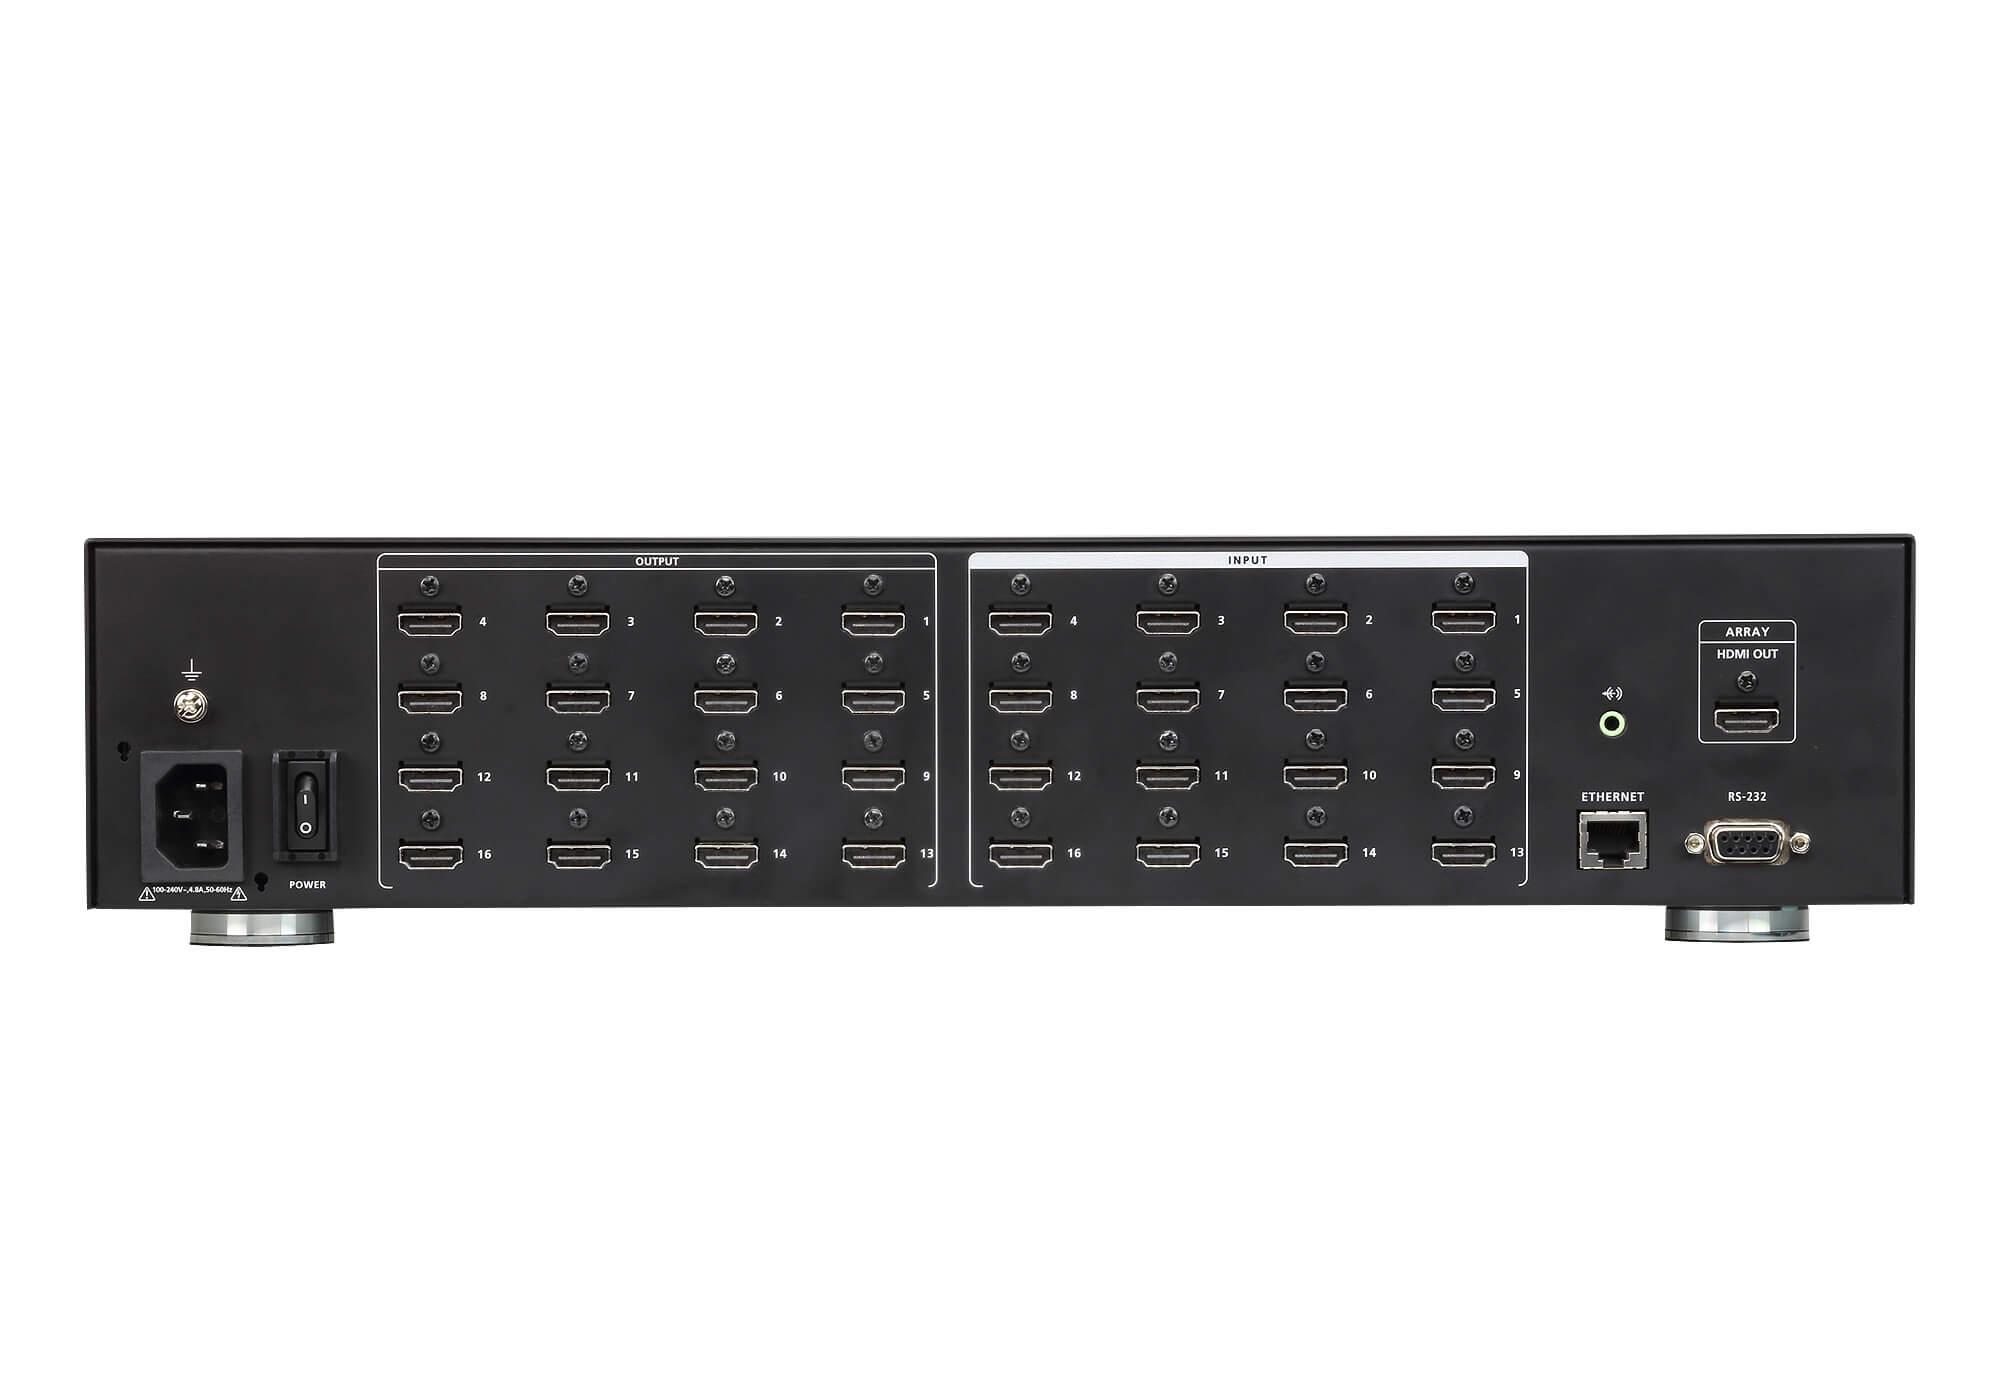 16入力16出力HDMIマトリックススイッチャー(ビデオウォール対応)-2